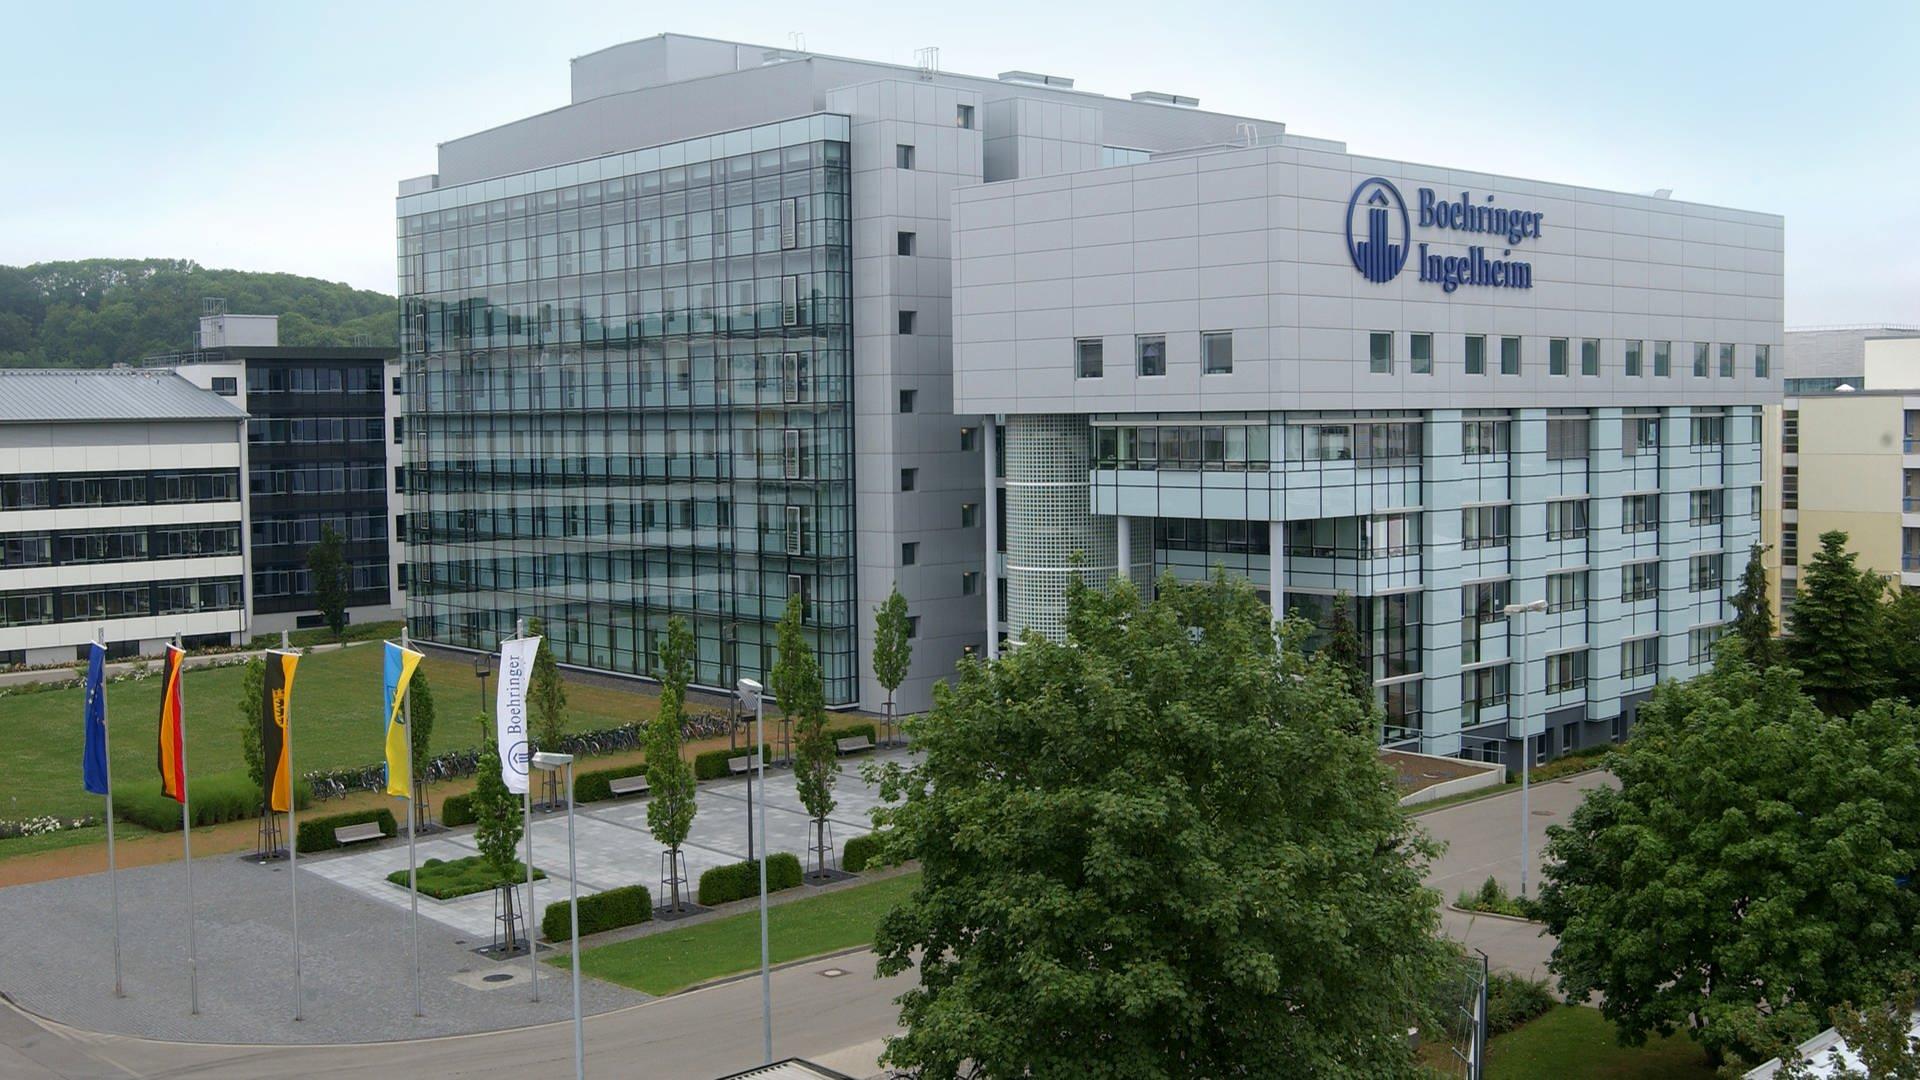 Firmengebäude des Pharmakonzerns Boehringer Ingelheim für die Biopharmazie in Biberach aus Glas und grauem Beton. Auf der Vorderseite des Gebäudes steht in großen, blauen Buchstaben der Firmenname.